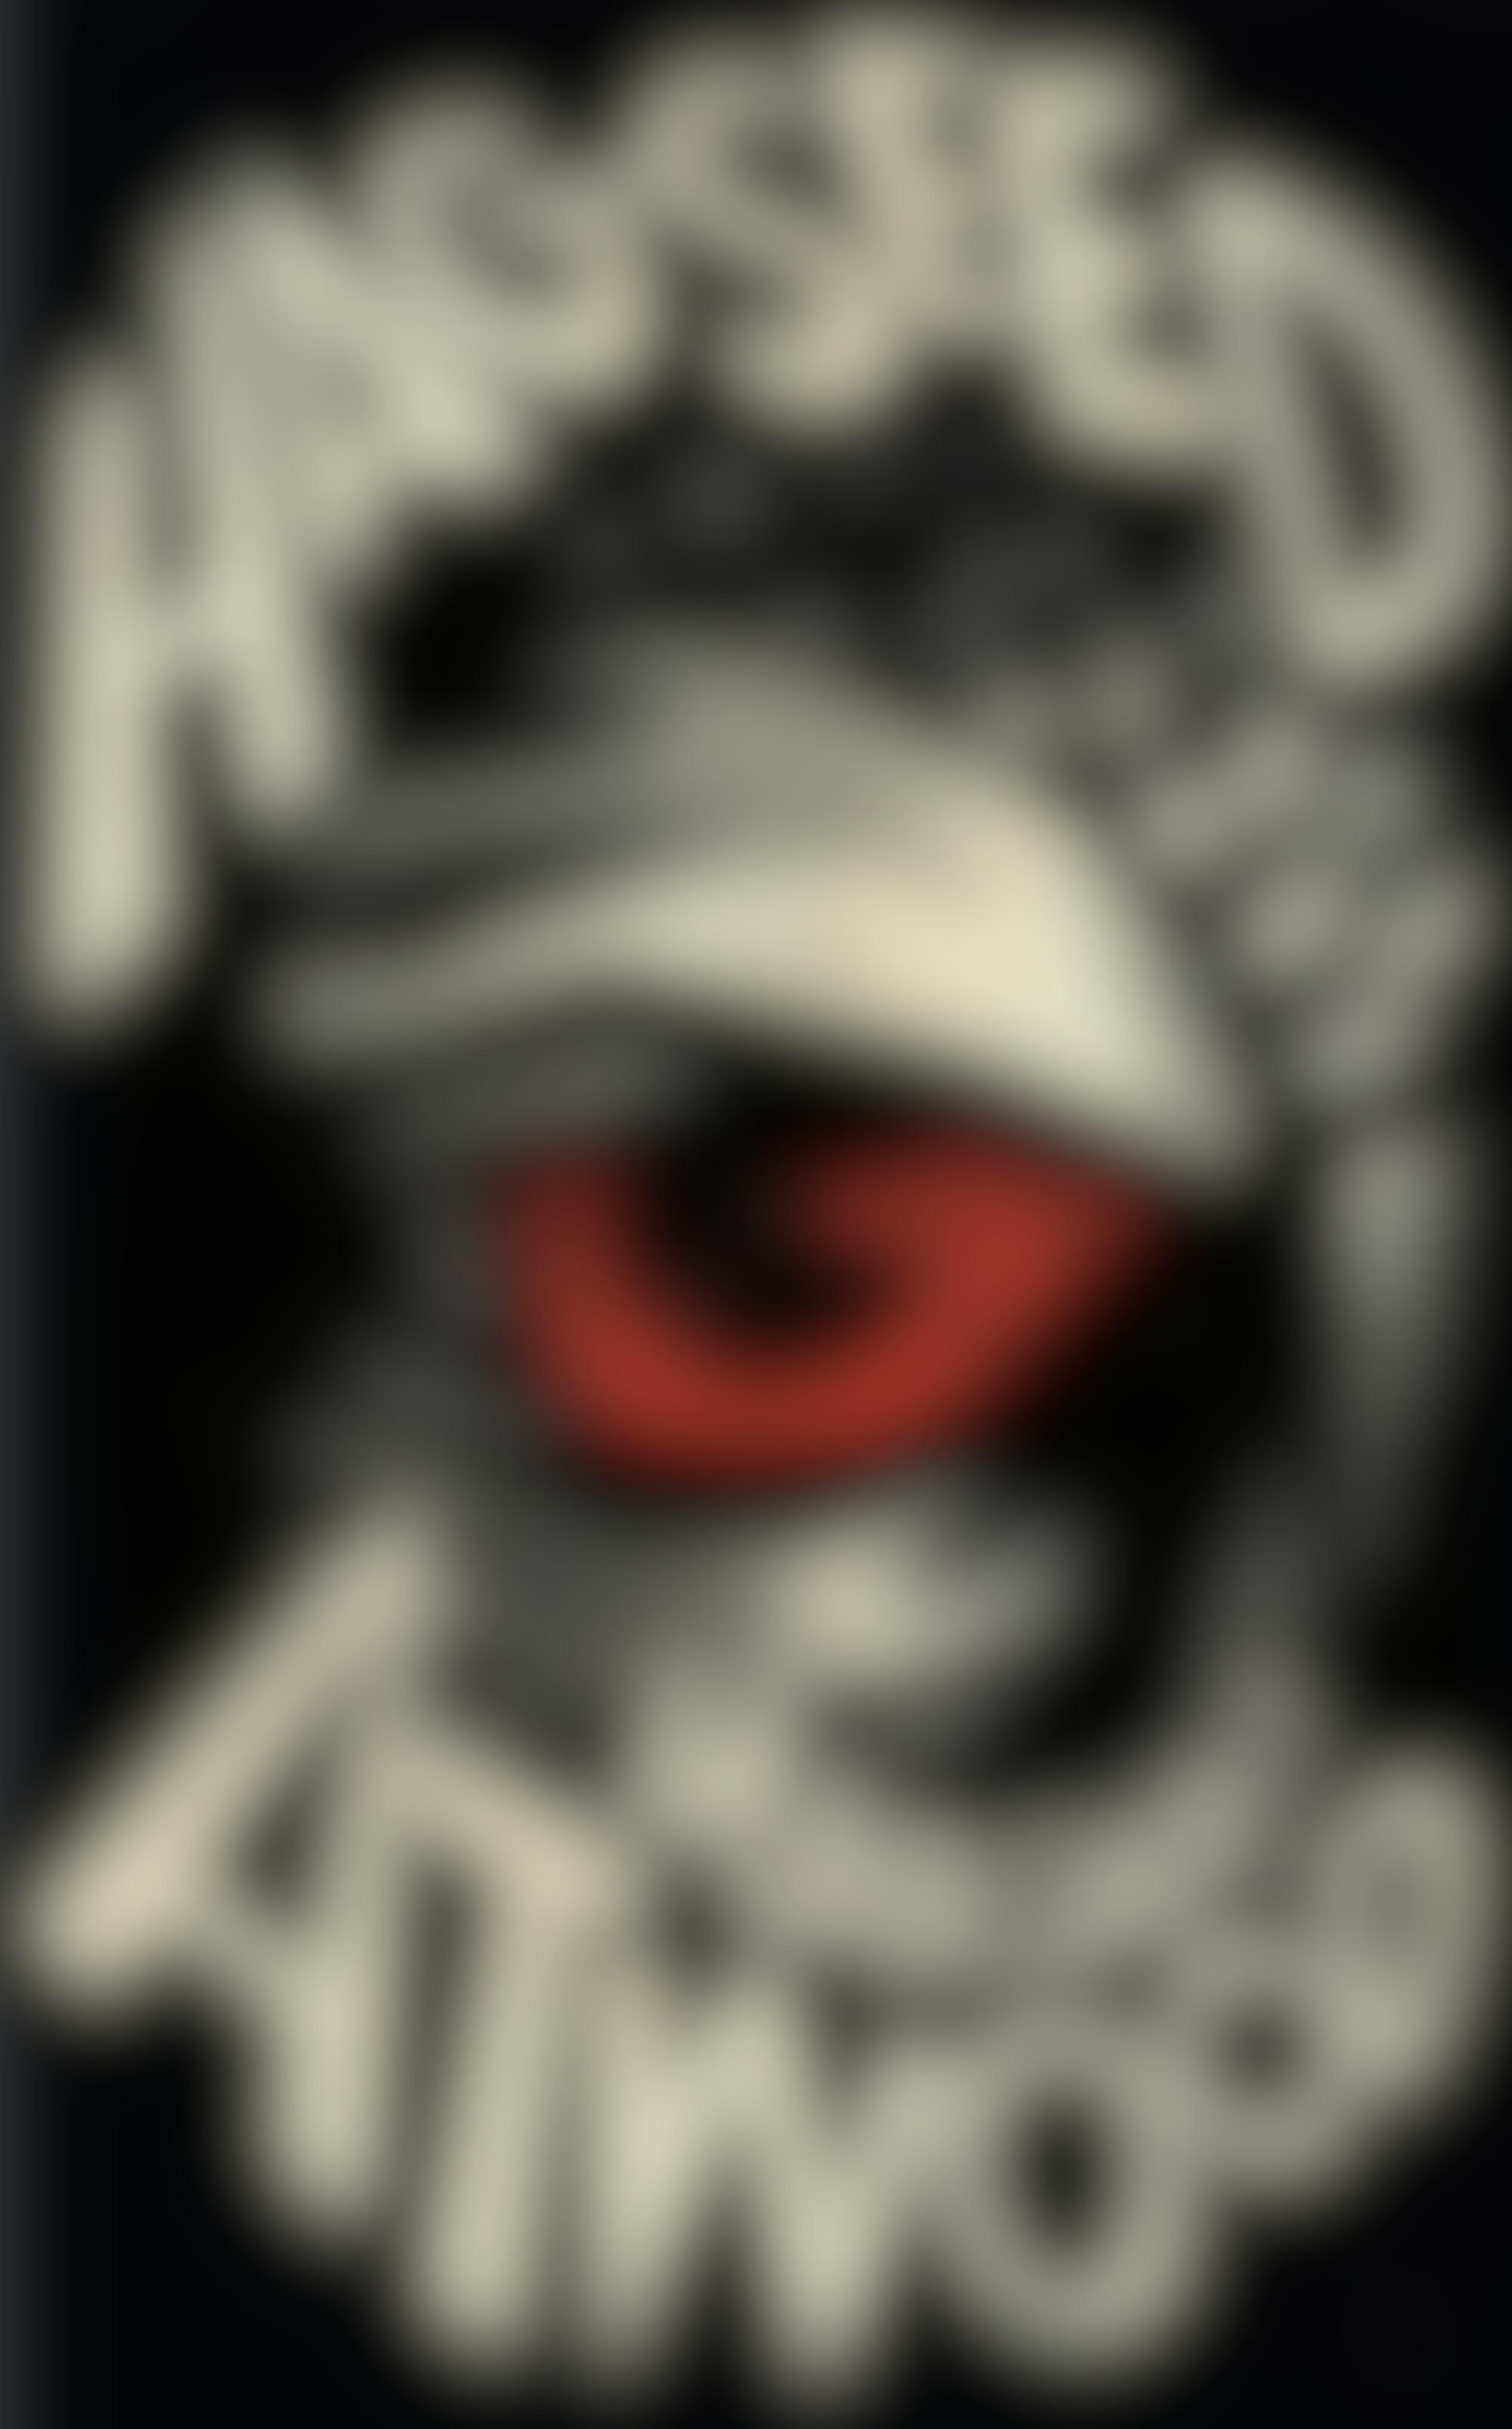 Hagseed Illustration C2 A9 Vladimir Zimakov autocompressfitresizeixlibphp 1 1 0max h2000max w3 D2000q80sd766d223c4a1b9f7261c3e332ce95cda